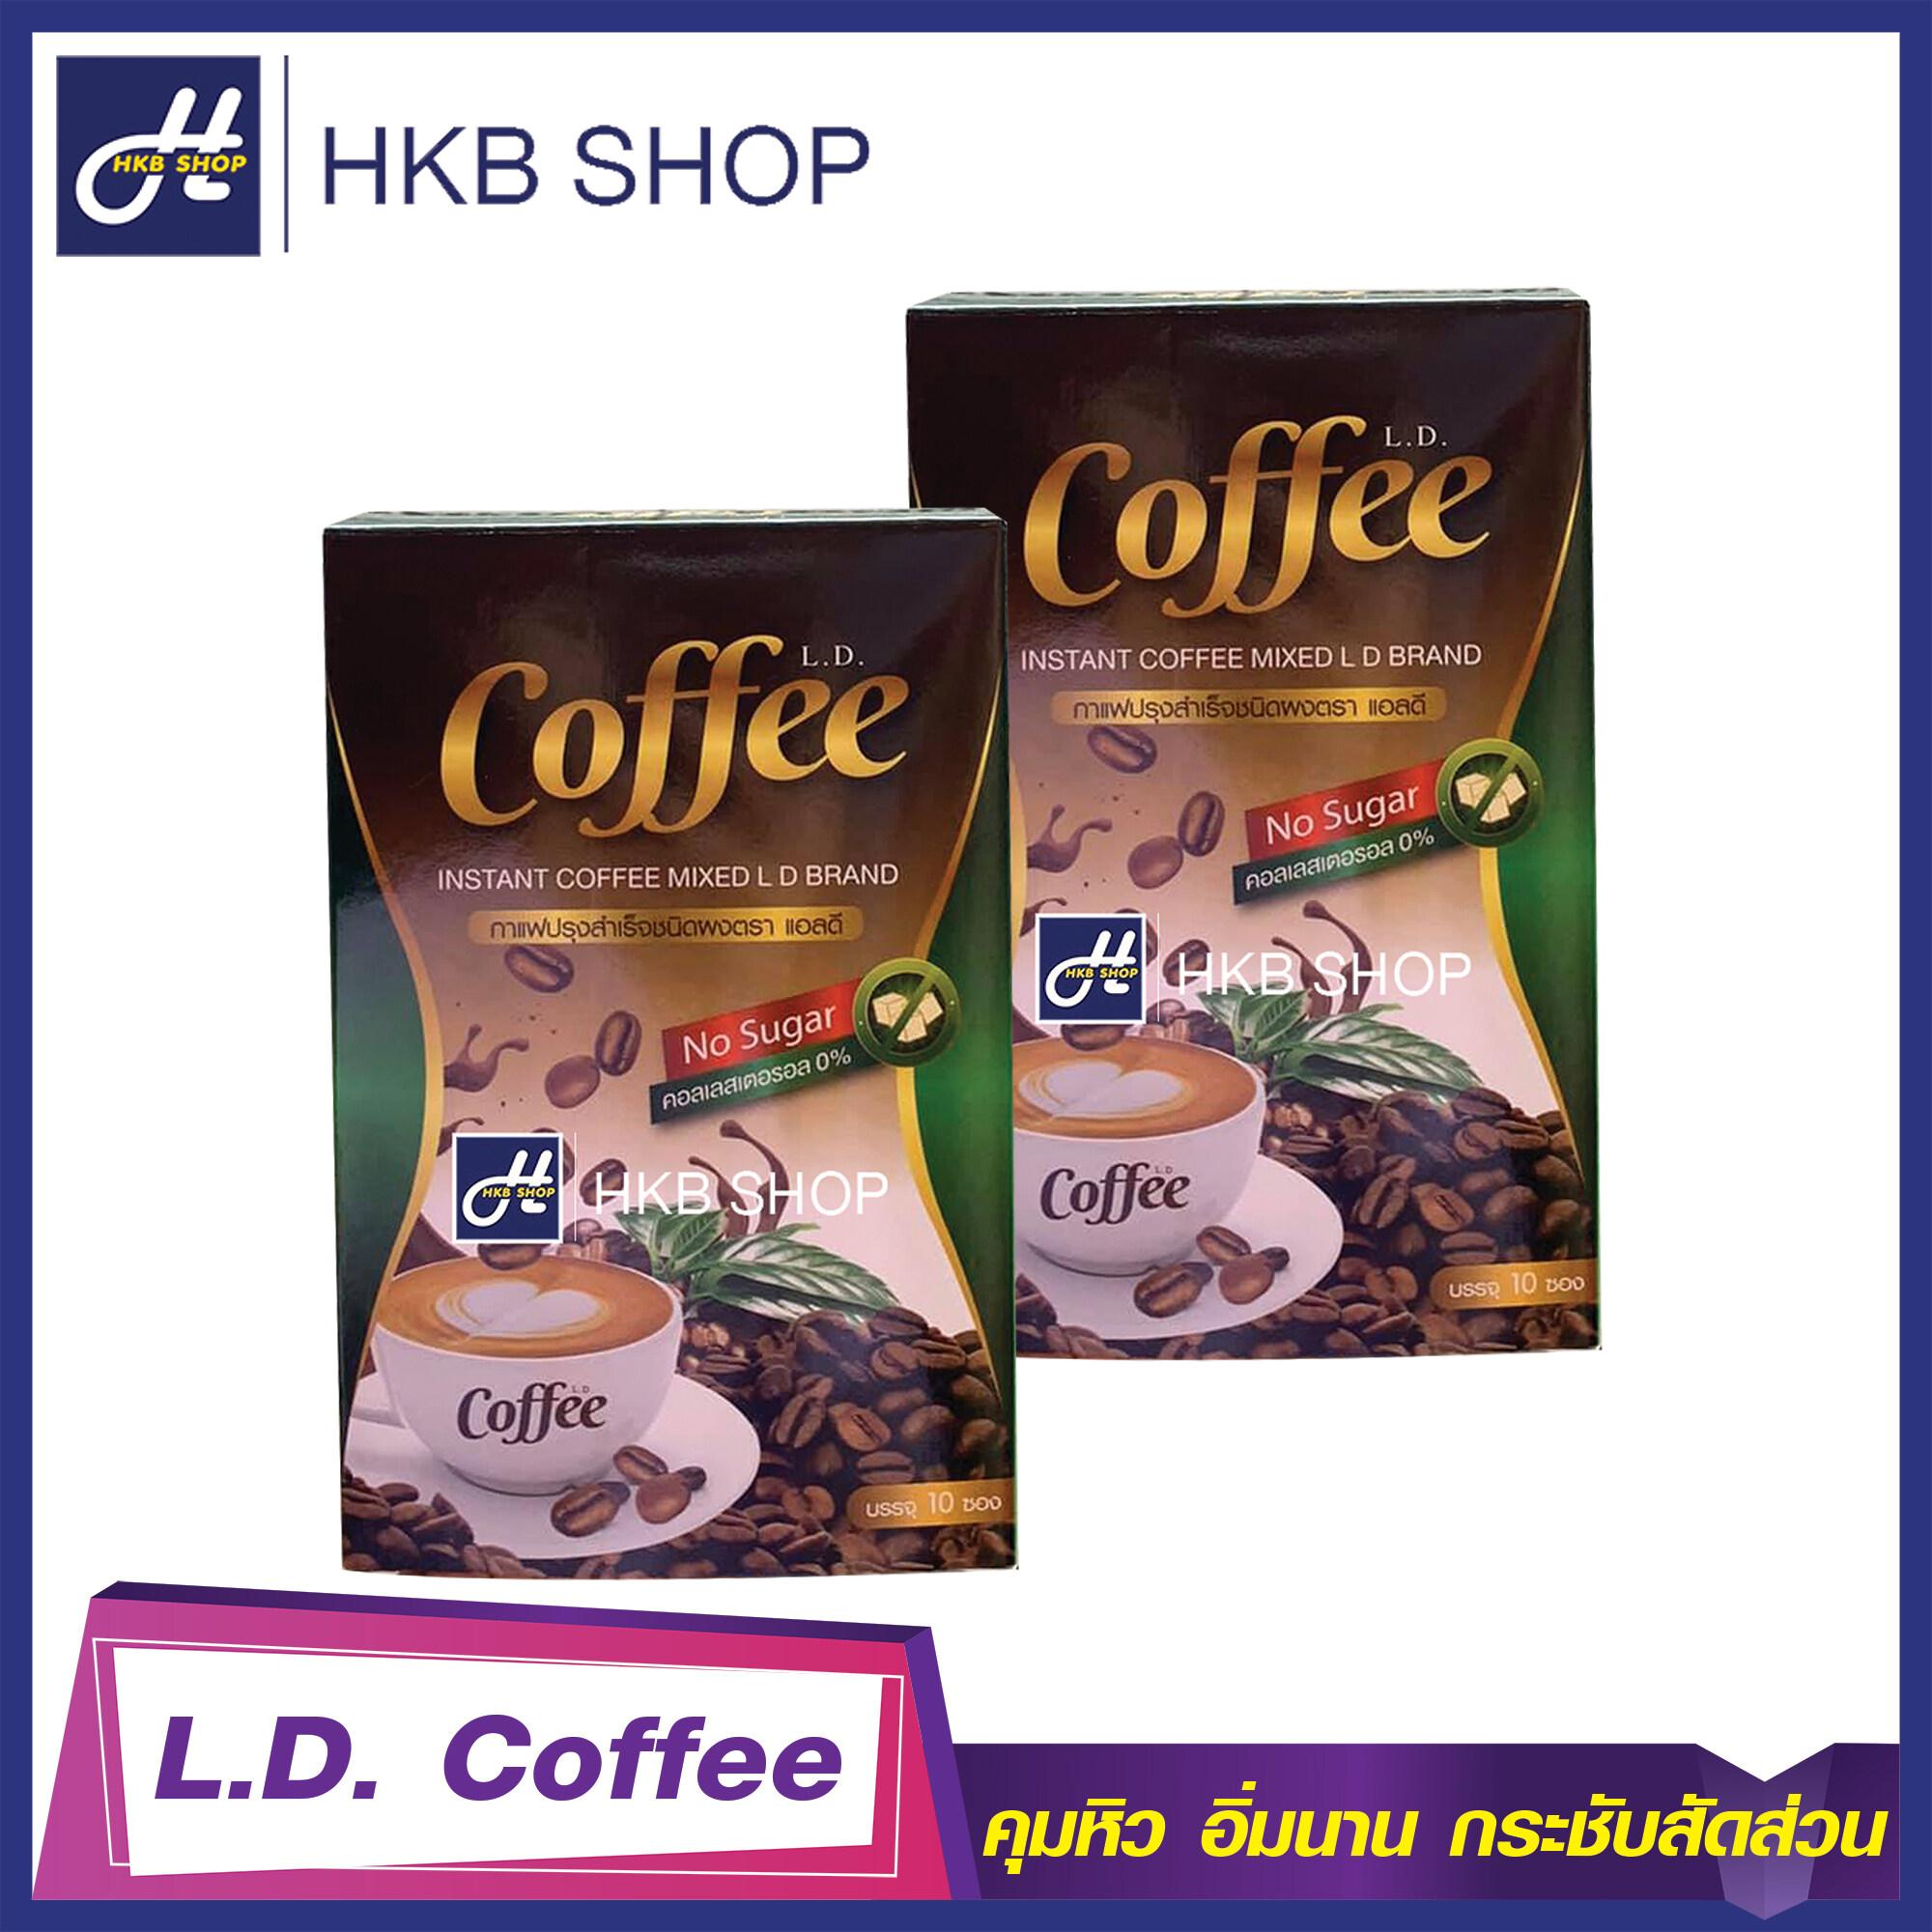 ⚡️2กล่อง⚡️ L.D. Coffee แอลดี คอฟฟี่ กาแฟแอลดี By HKB SHOP